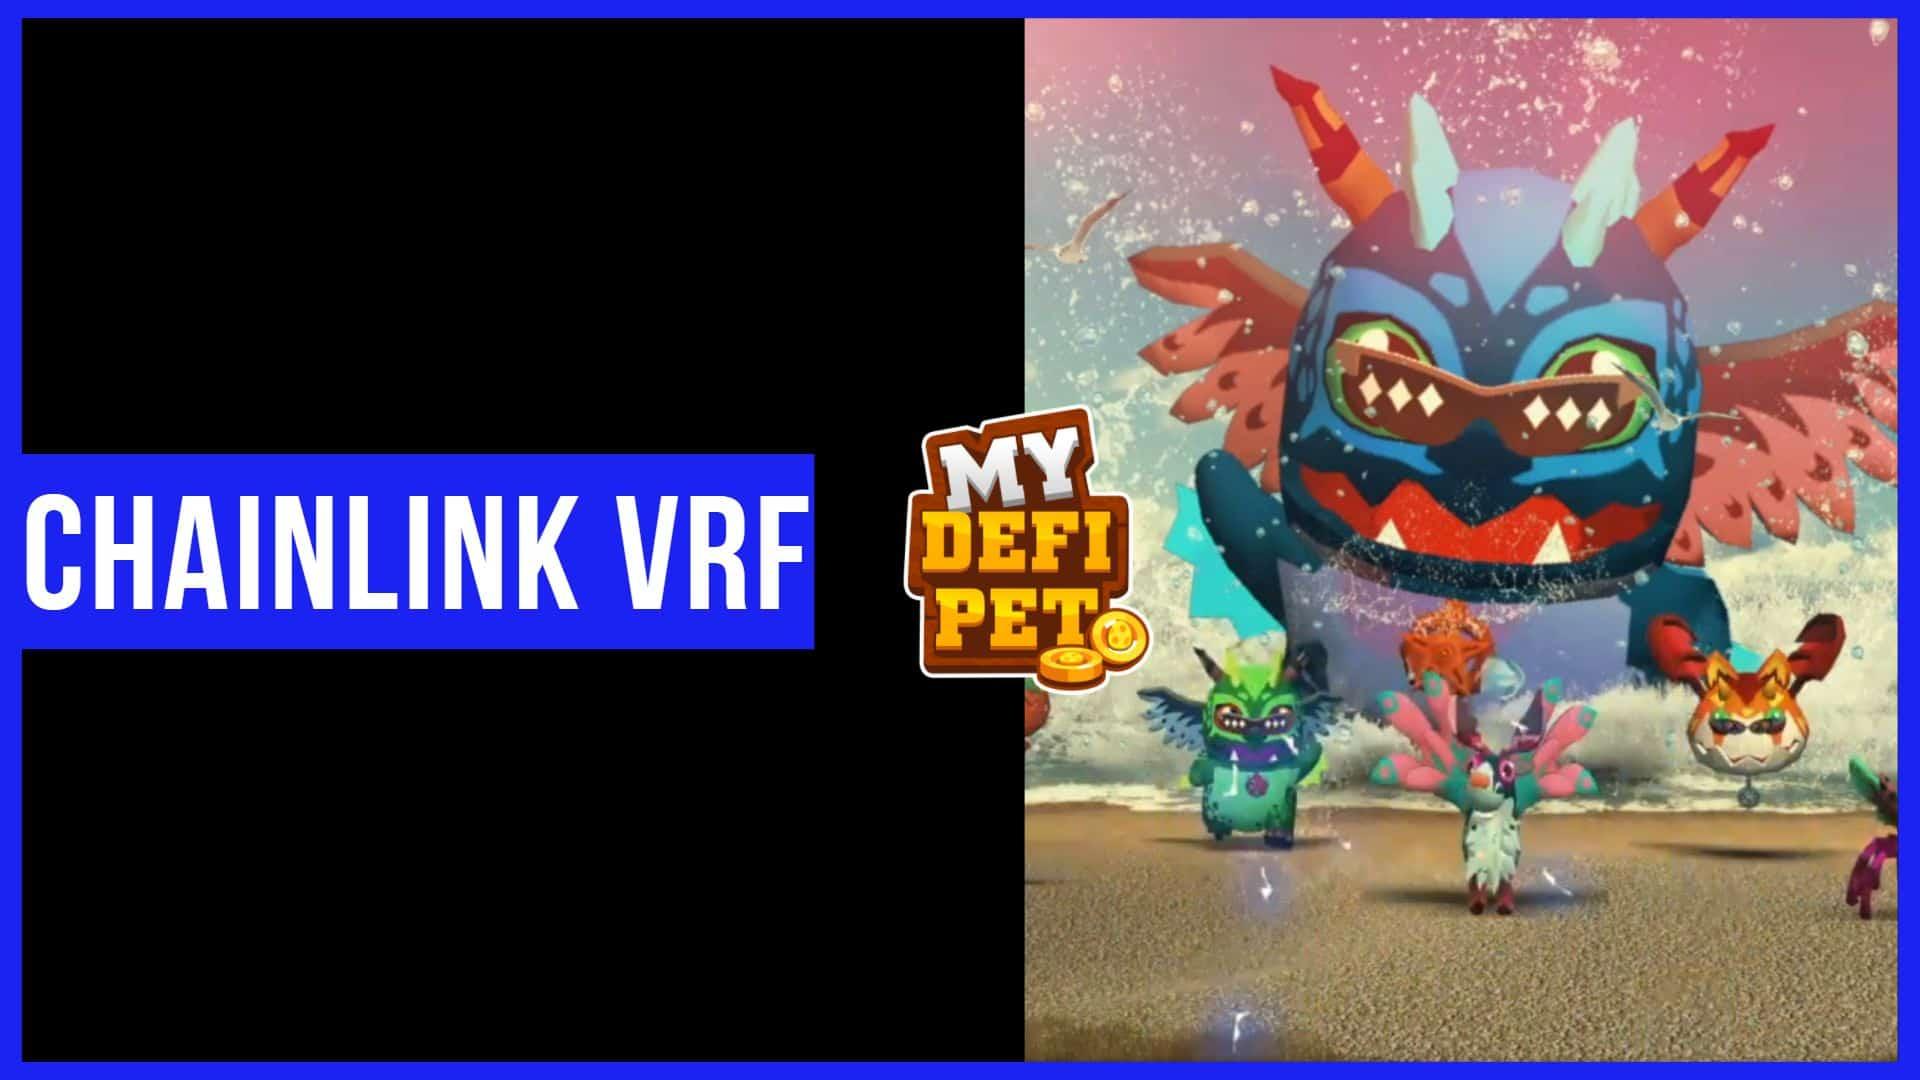 My Defi Pet VRF